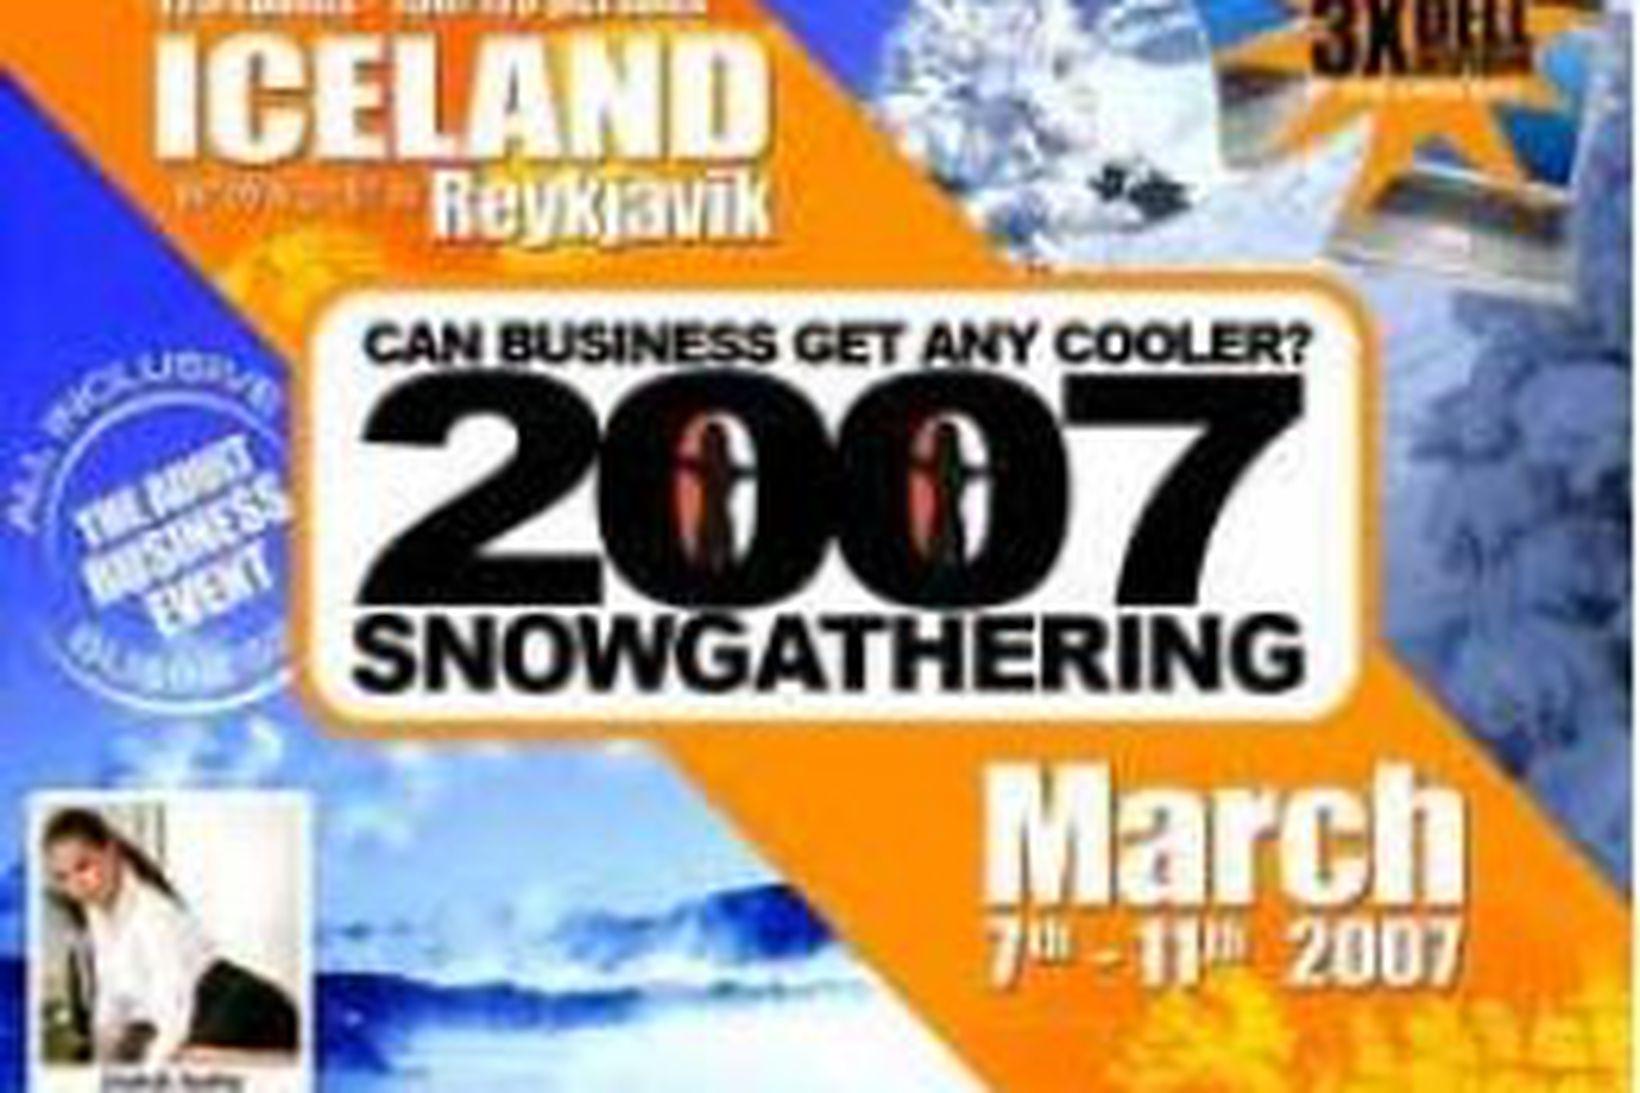 Auglýsingaspjald fyrir SnowGathering 2007.